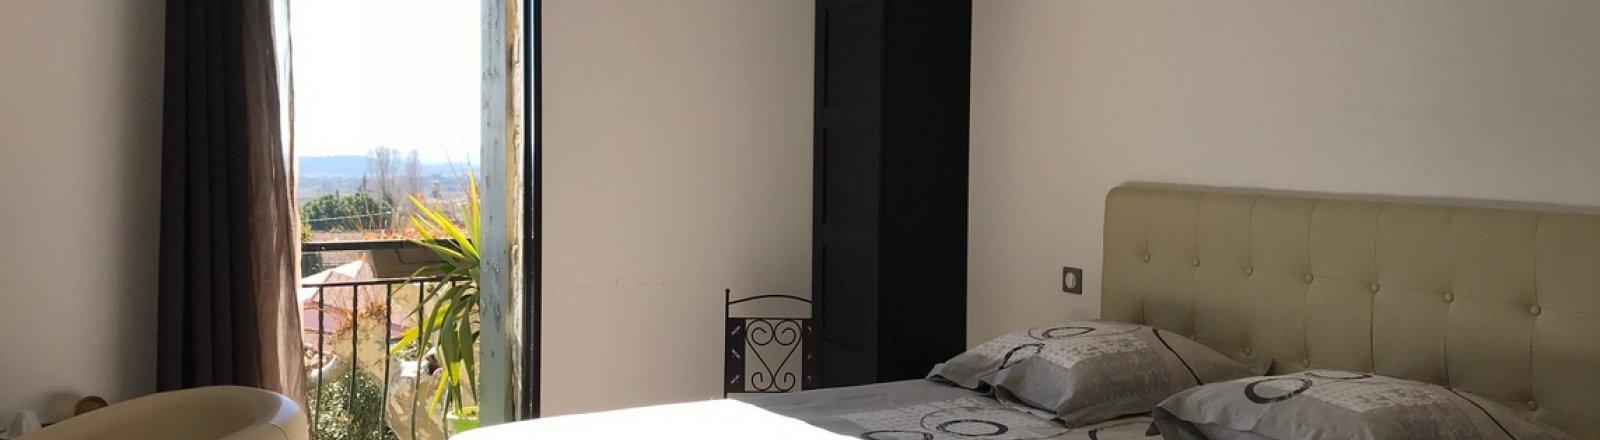 Maison d'hôtes Coeur d'Hérault © Khenfouf_ot